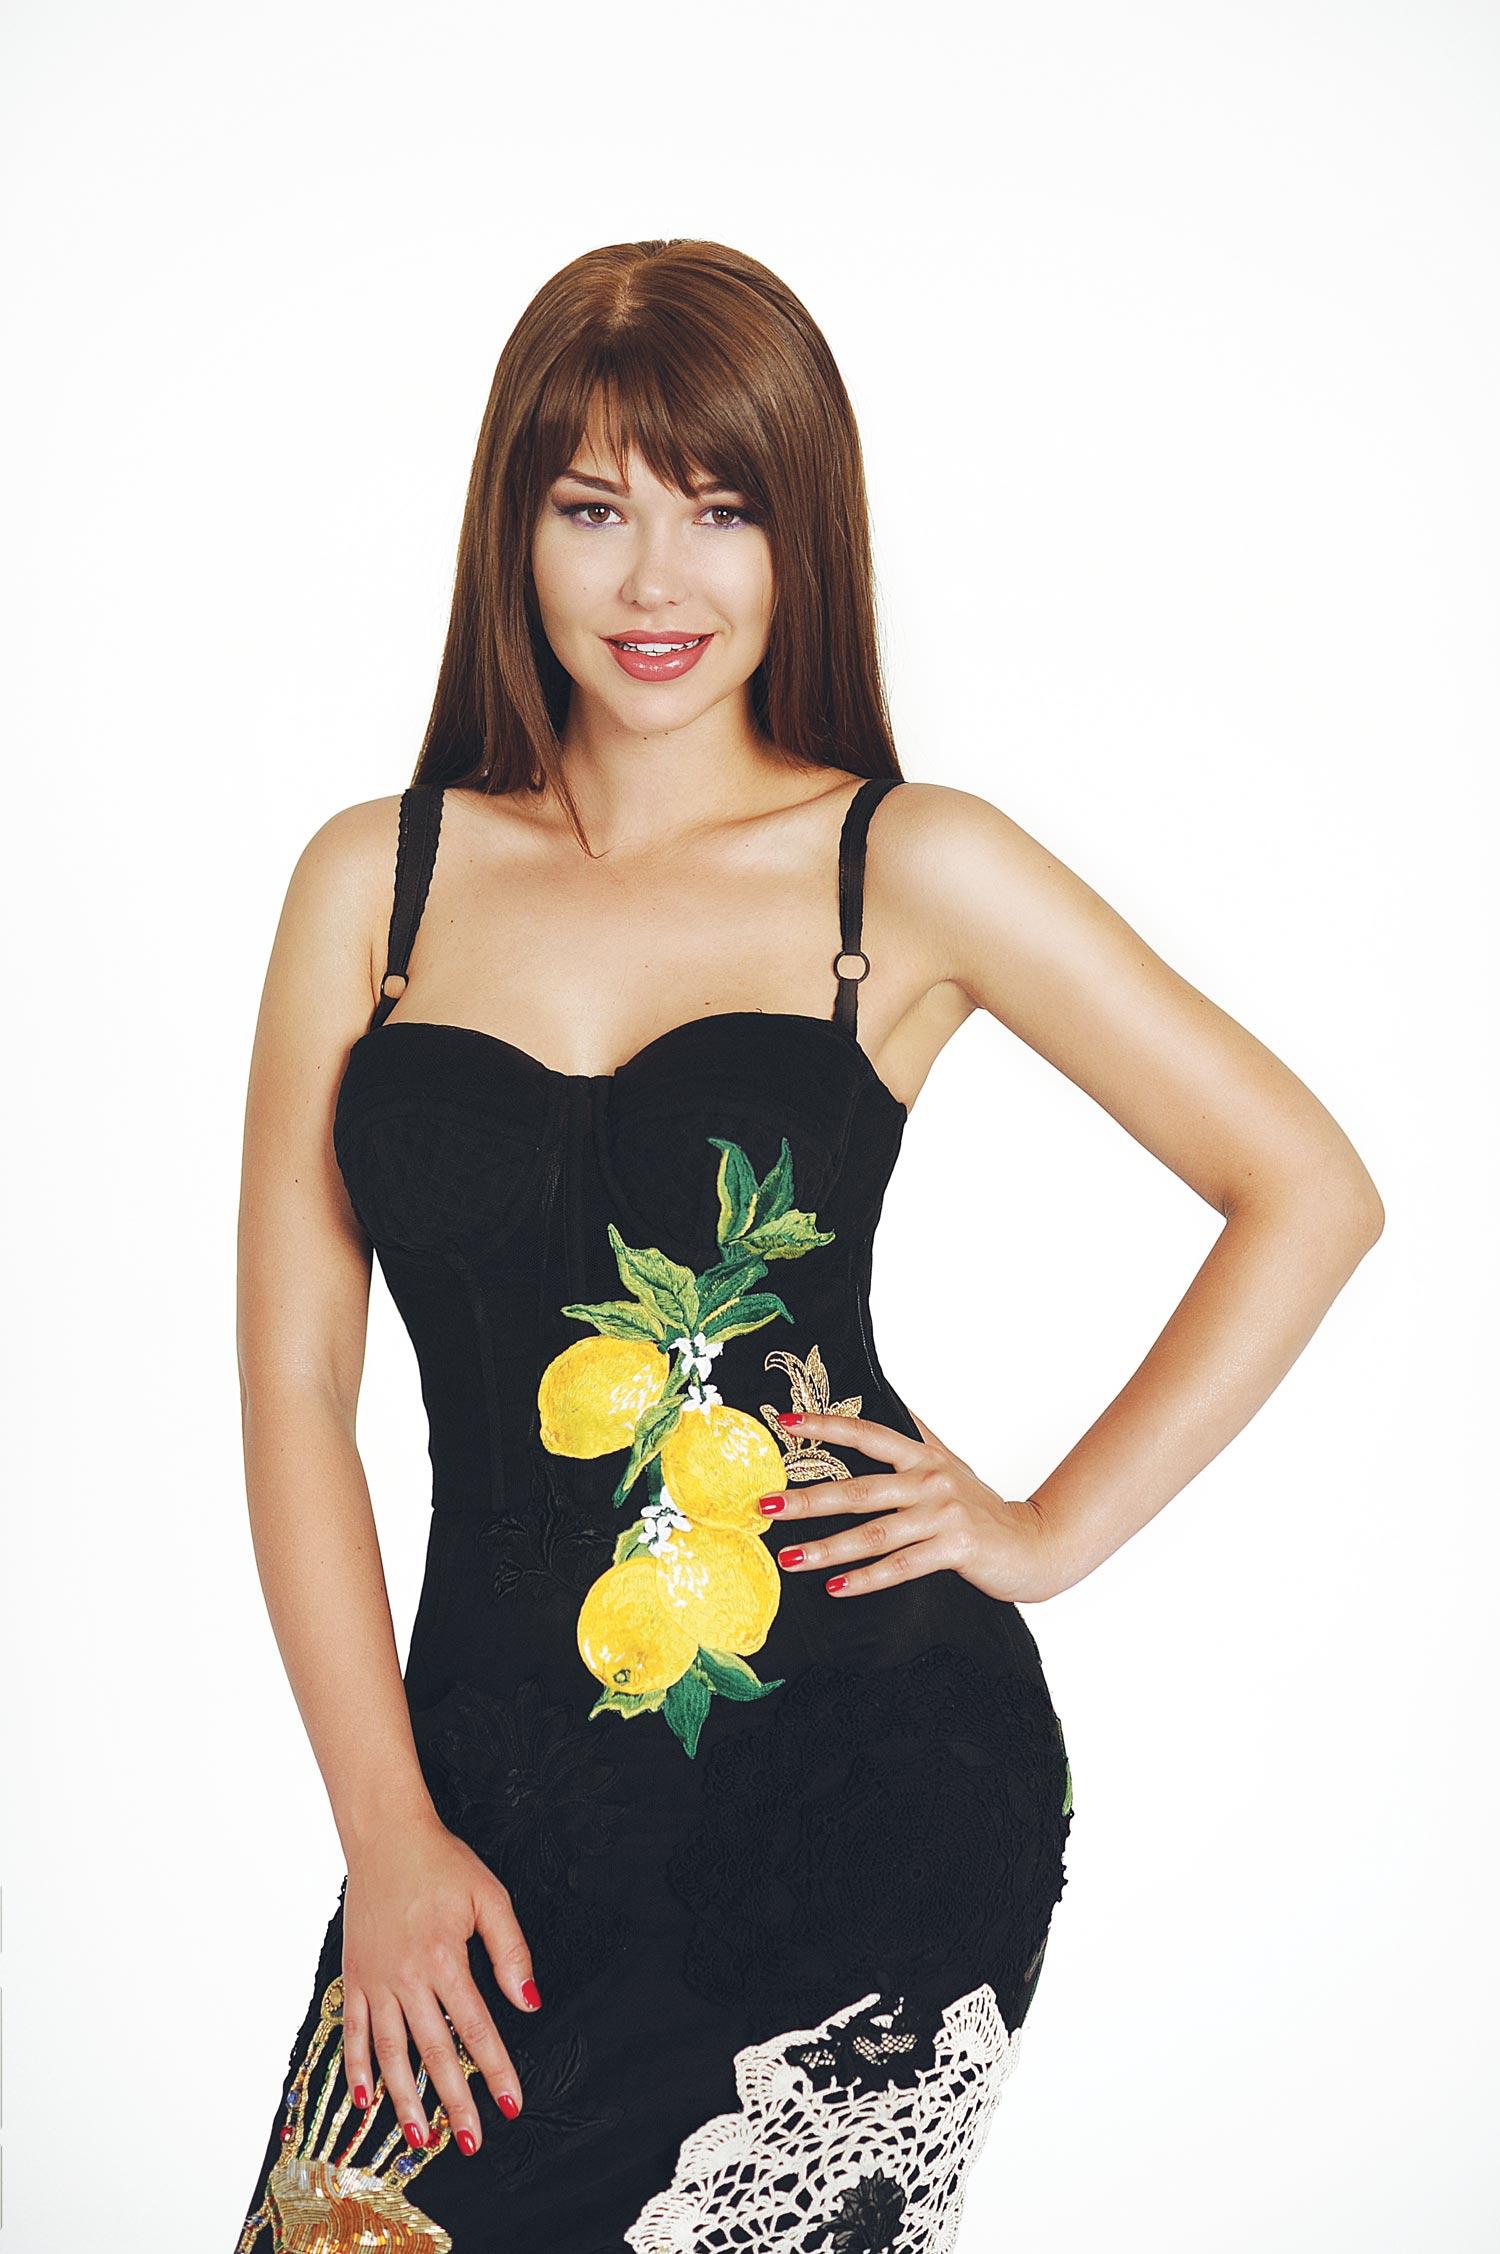 Мария Лиман, топ-модель